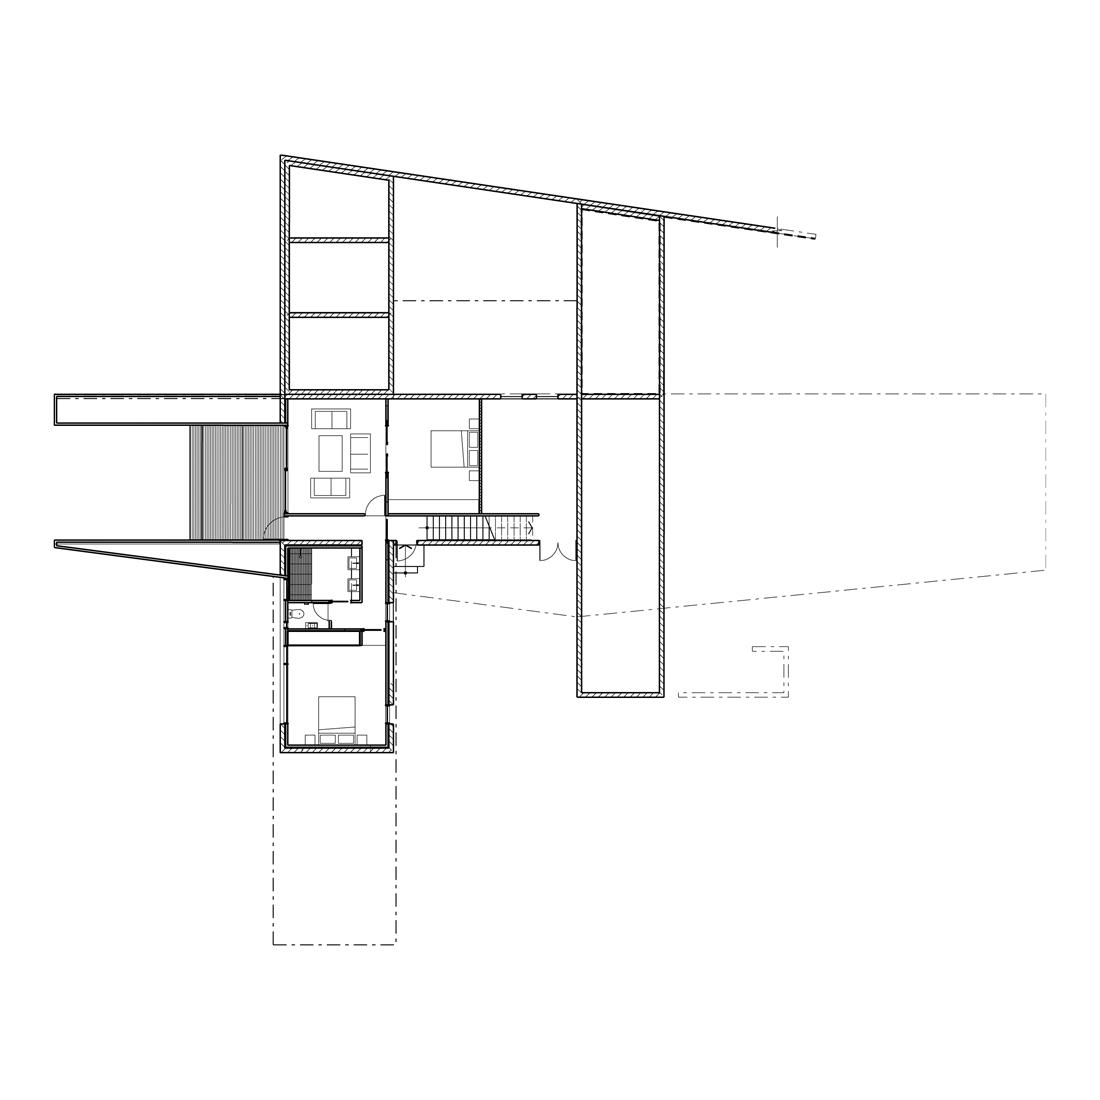 1470862866_basement basement plan